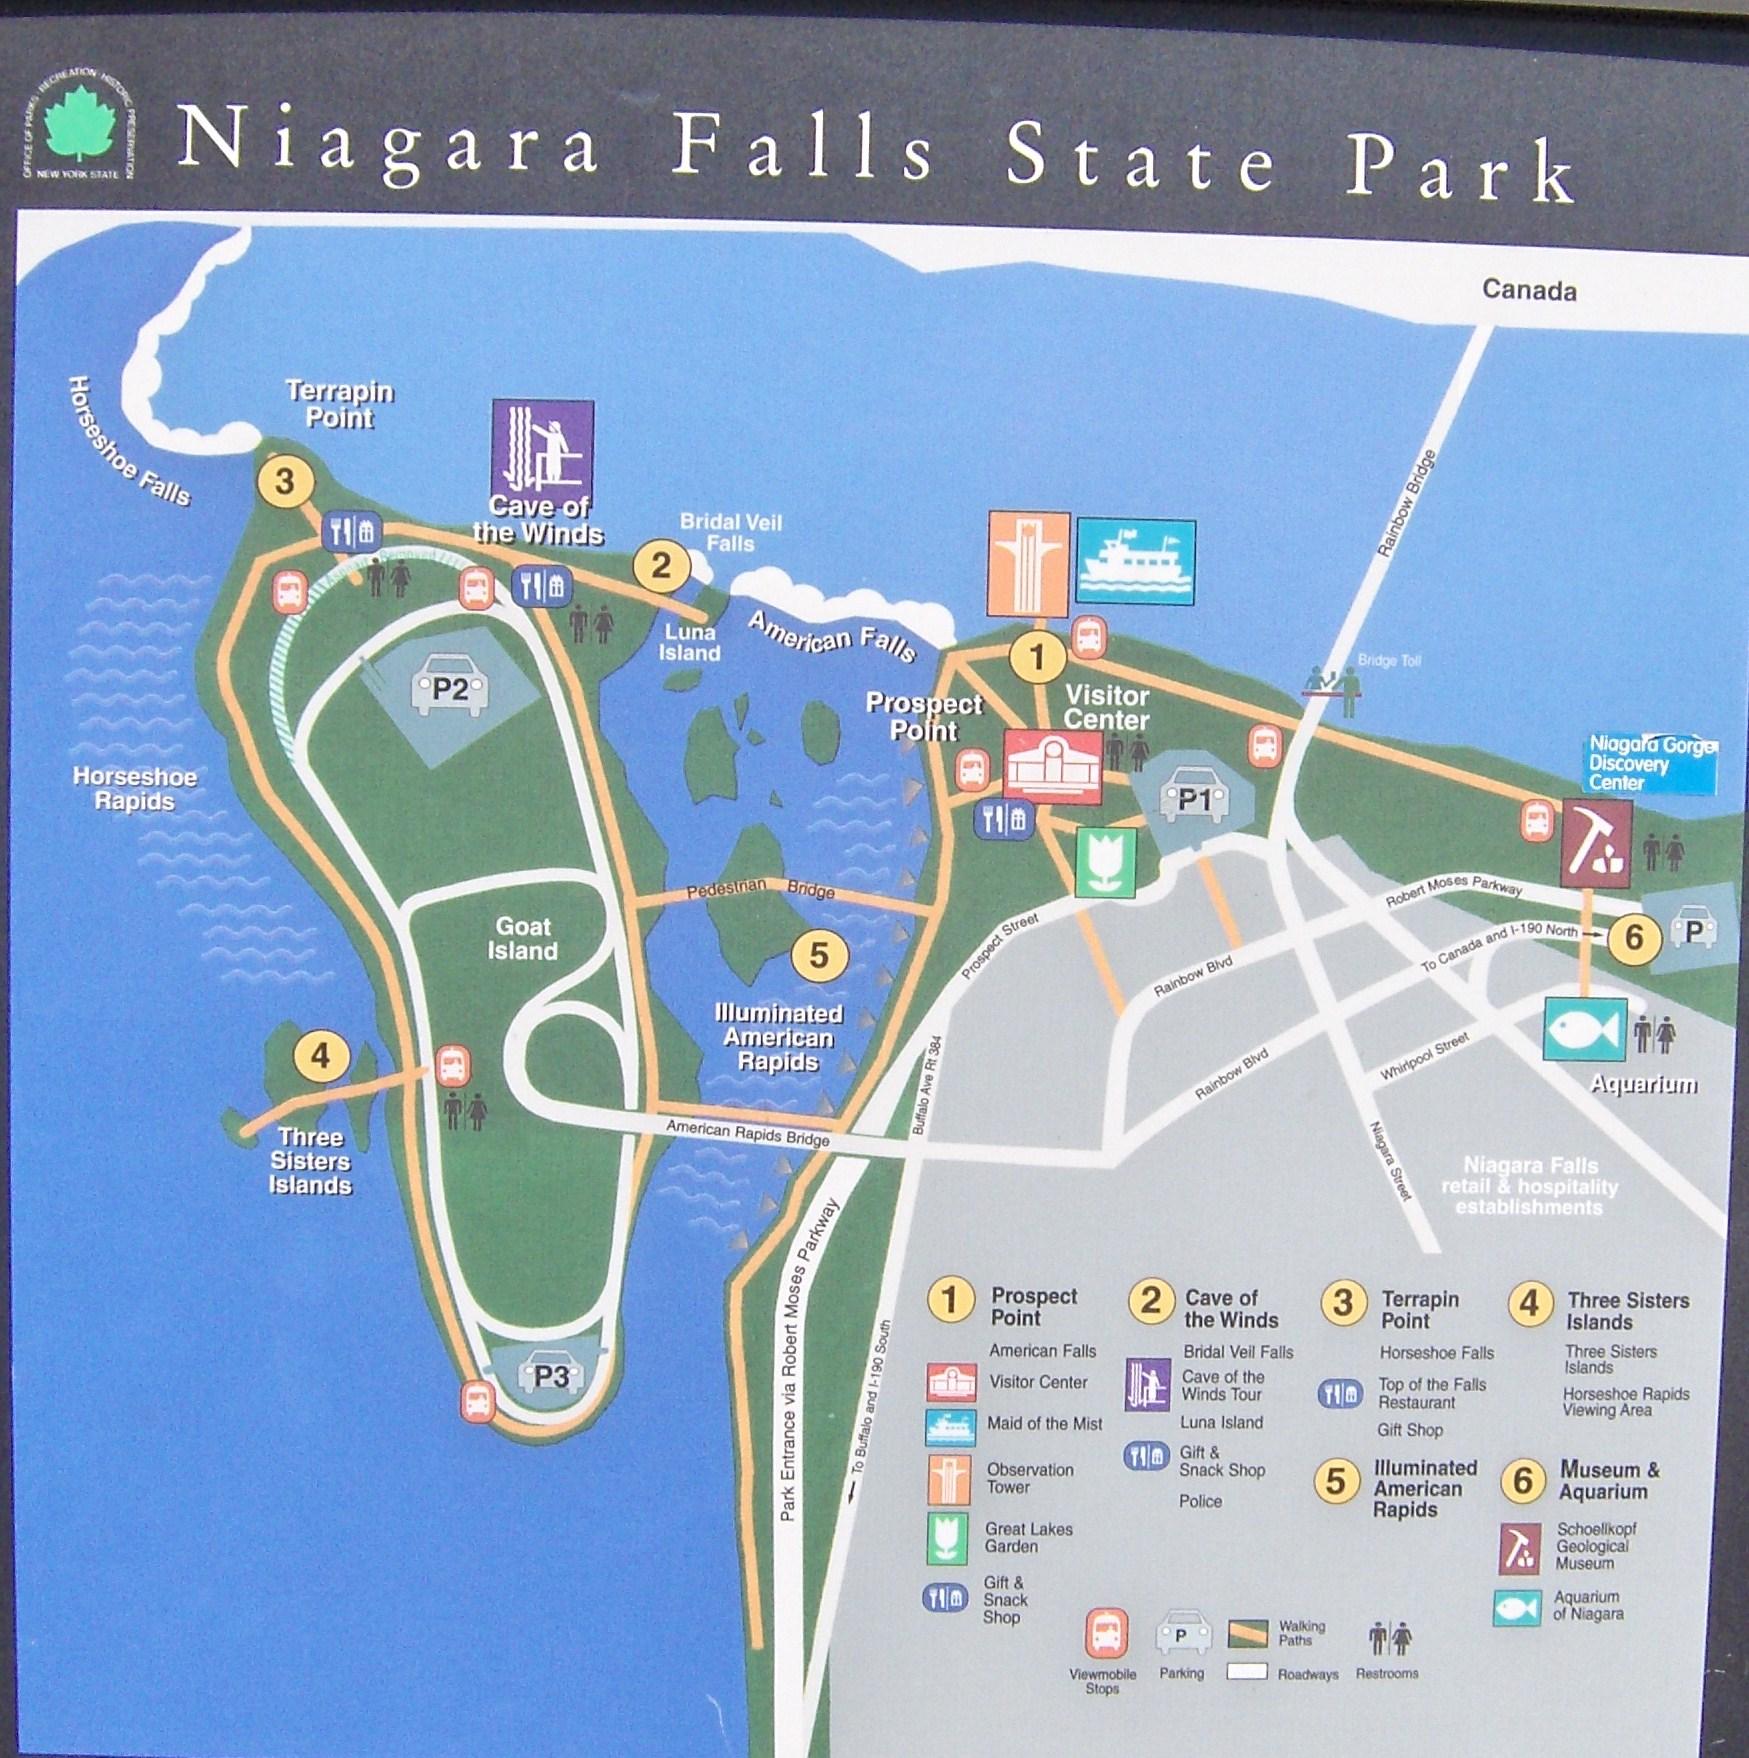 NiagaraFallsStateParkMap6864.jpg